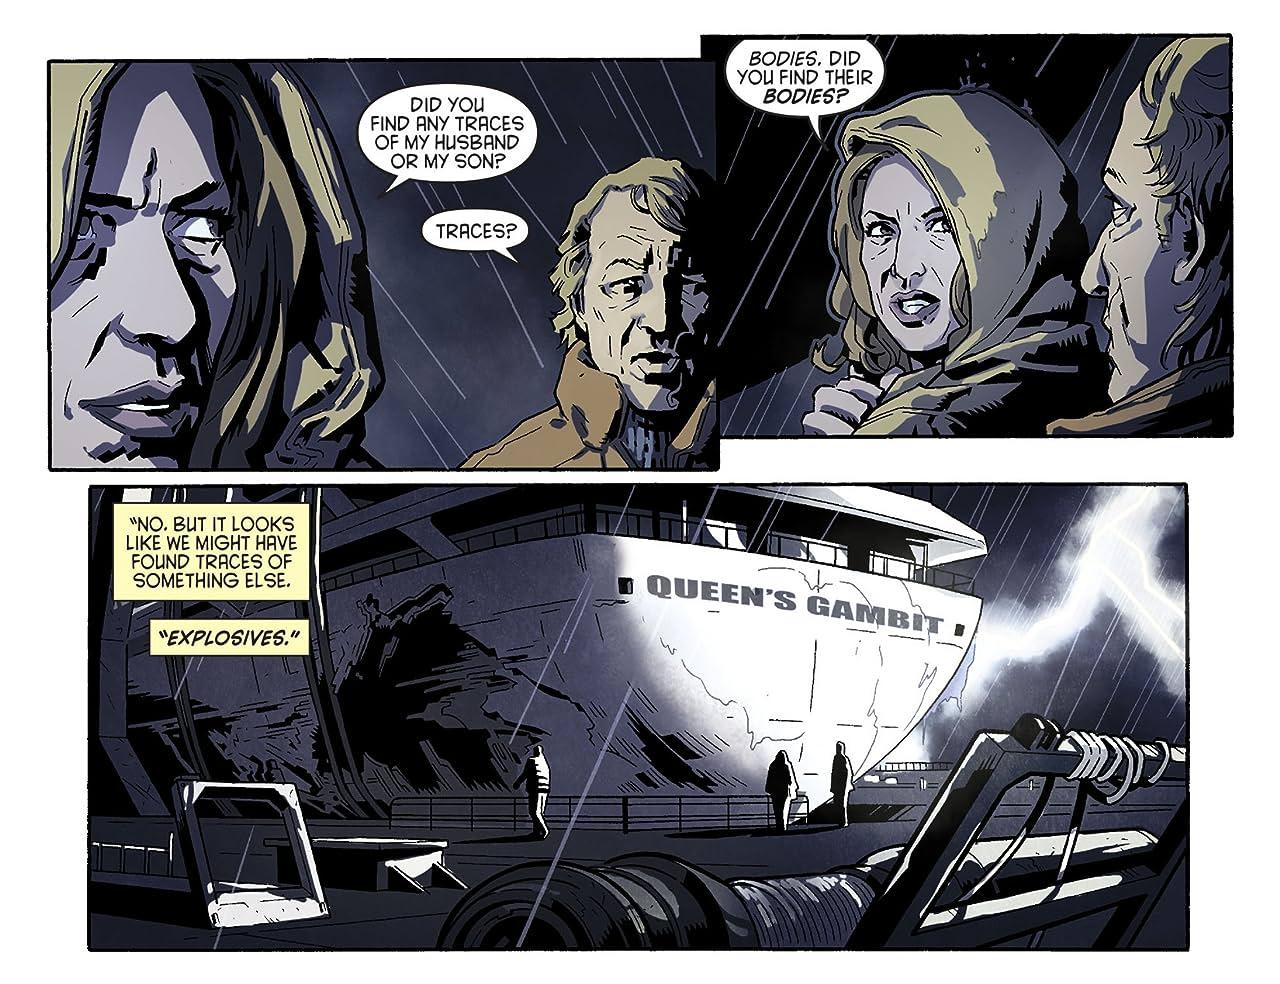 Arrow (2012-2013) #5